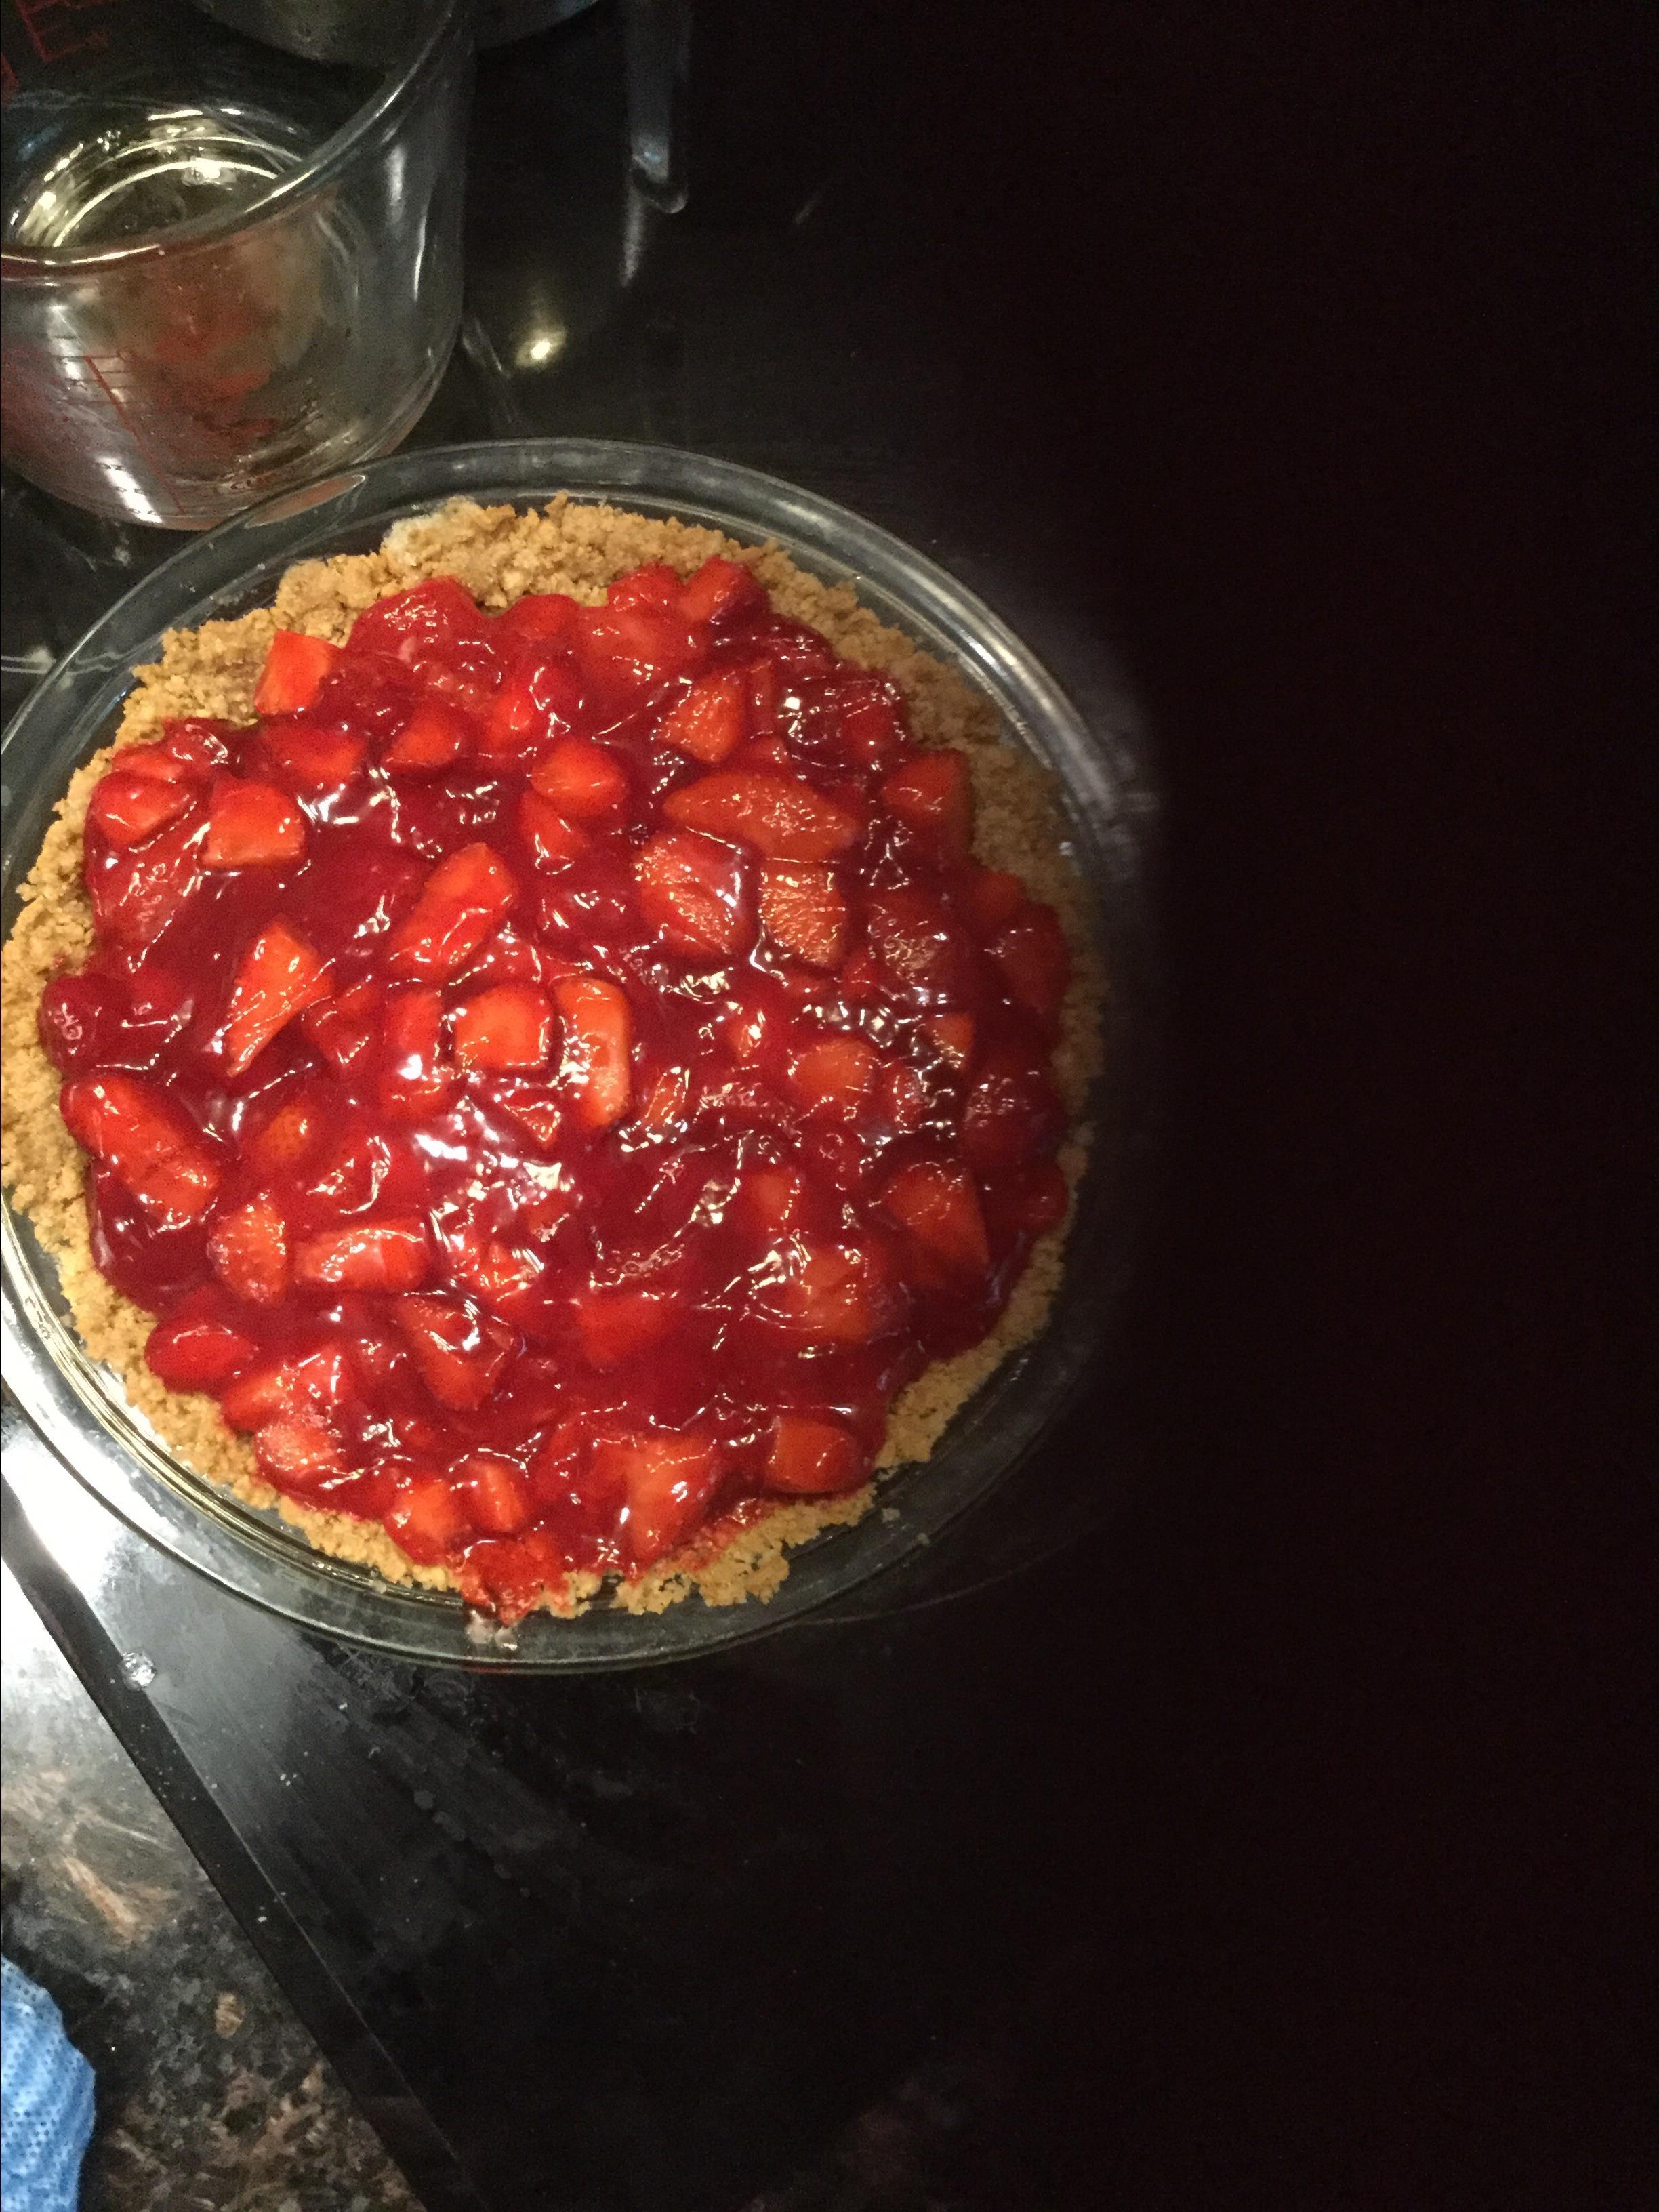 Strawberry Glazed Pie